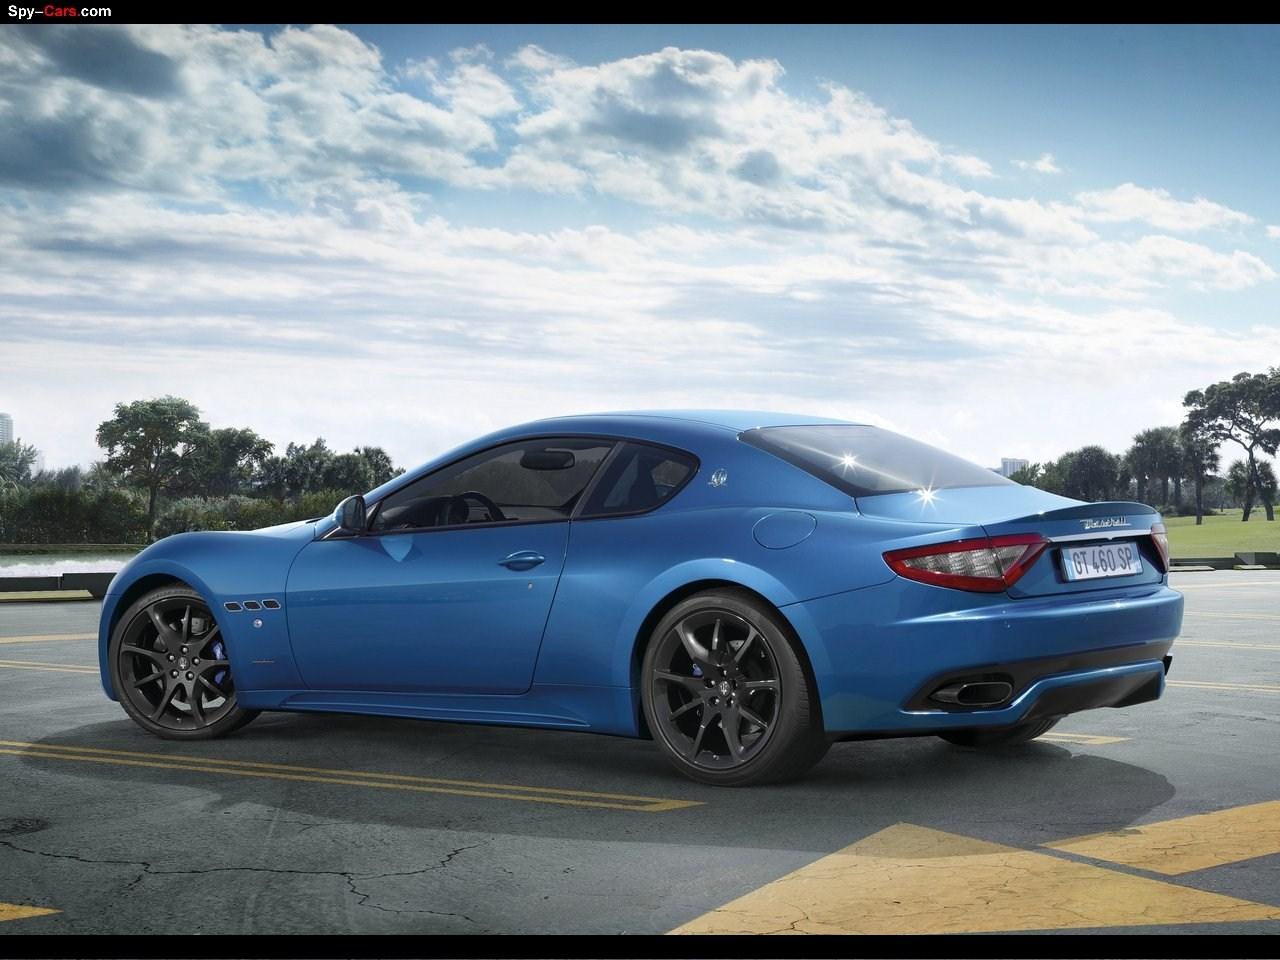 http://3.bp.blogspot.com/-xaSxANNkQTg/T0x5un9-MuI/AAAAAAAANpI/ZoATPNRnO4Q/s1600/Maserati-GranTurismo_Sport_2013_002.jpg